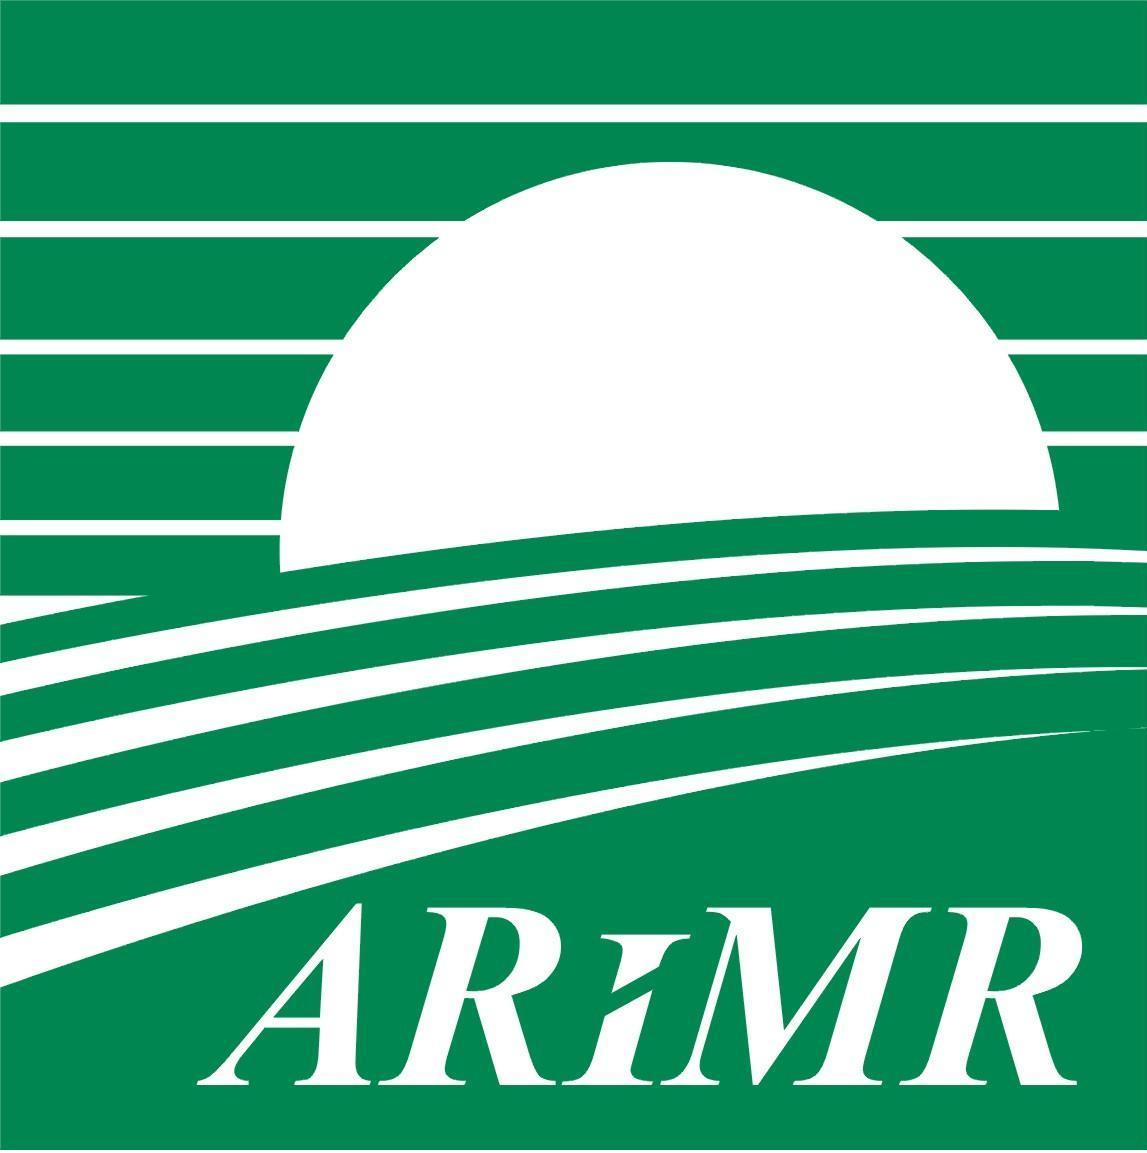 ARiMR ogłasza termin przyjmowania wniosków oprzyznanie premii zPROW 2014 - 2020 młodym rolnikom